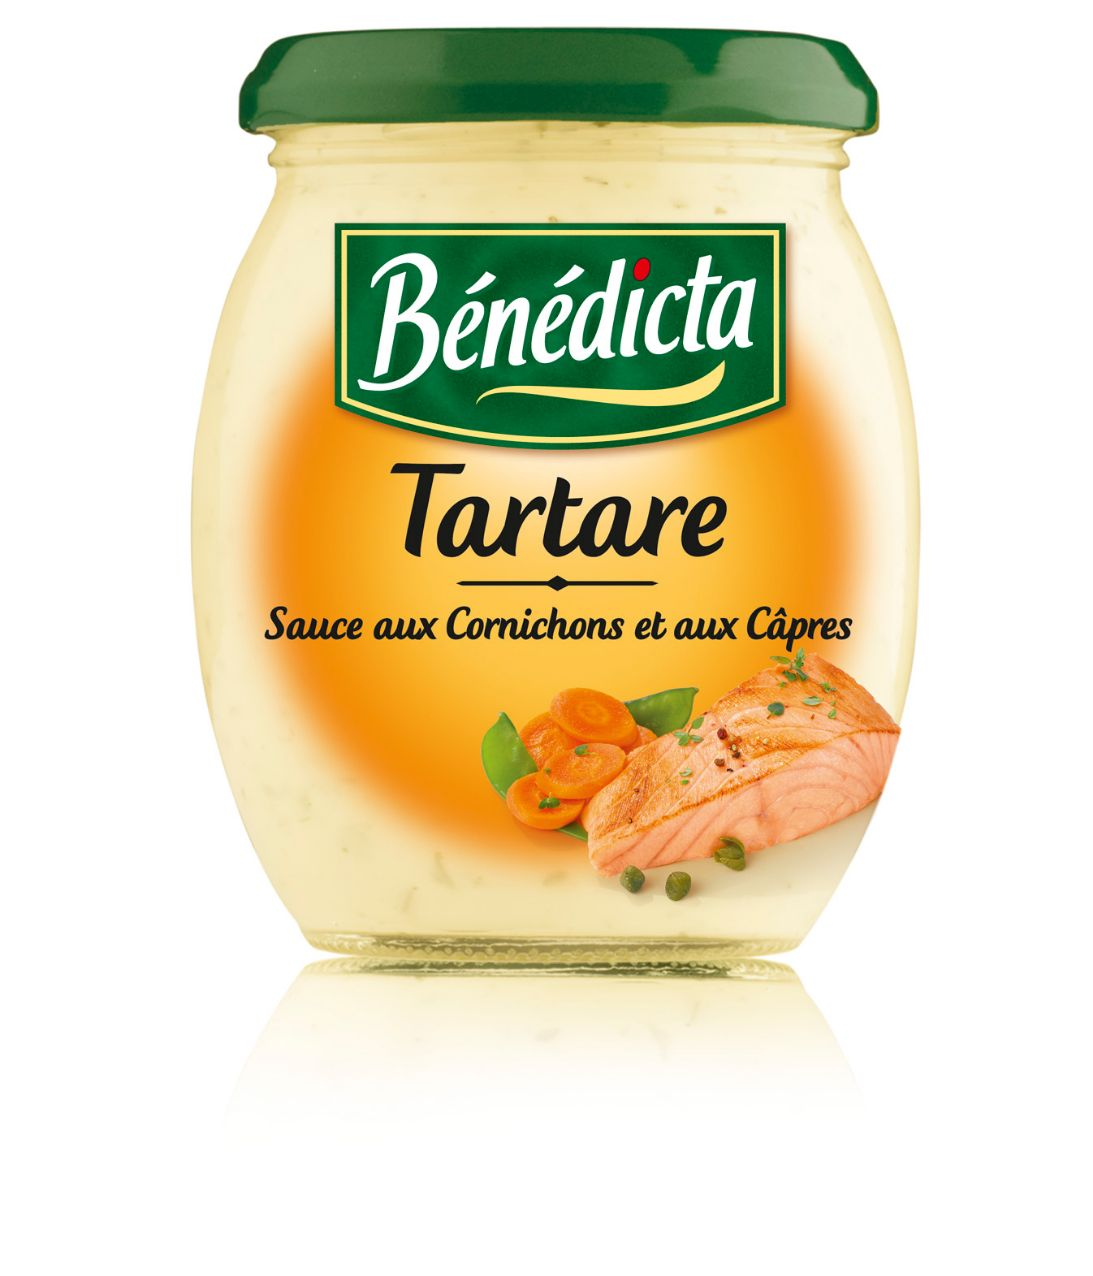 Bénédicta Sauce de vairété Tartare 260g Bocal image